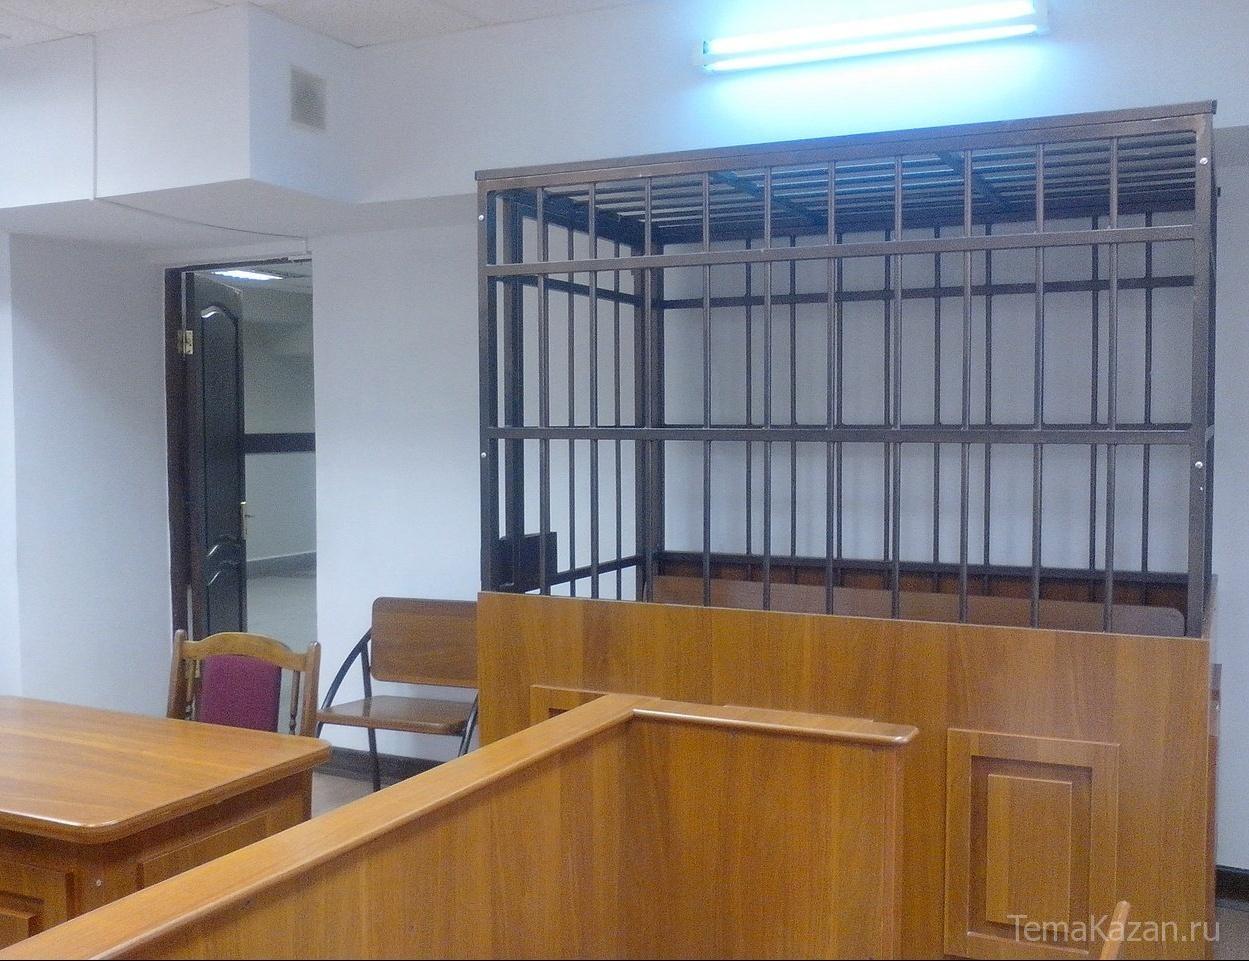 Жительницу Нижнекамска доставили всуд под конвоем